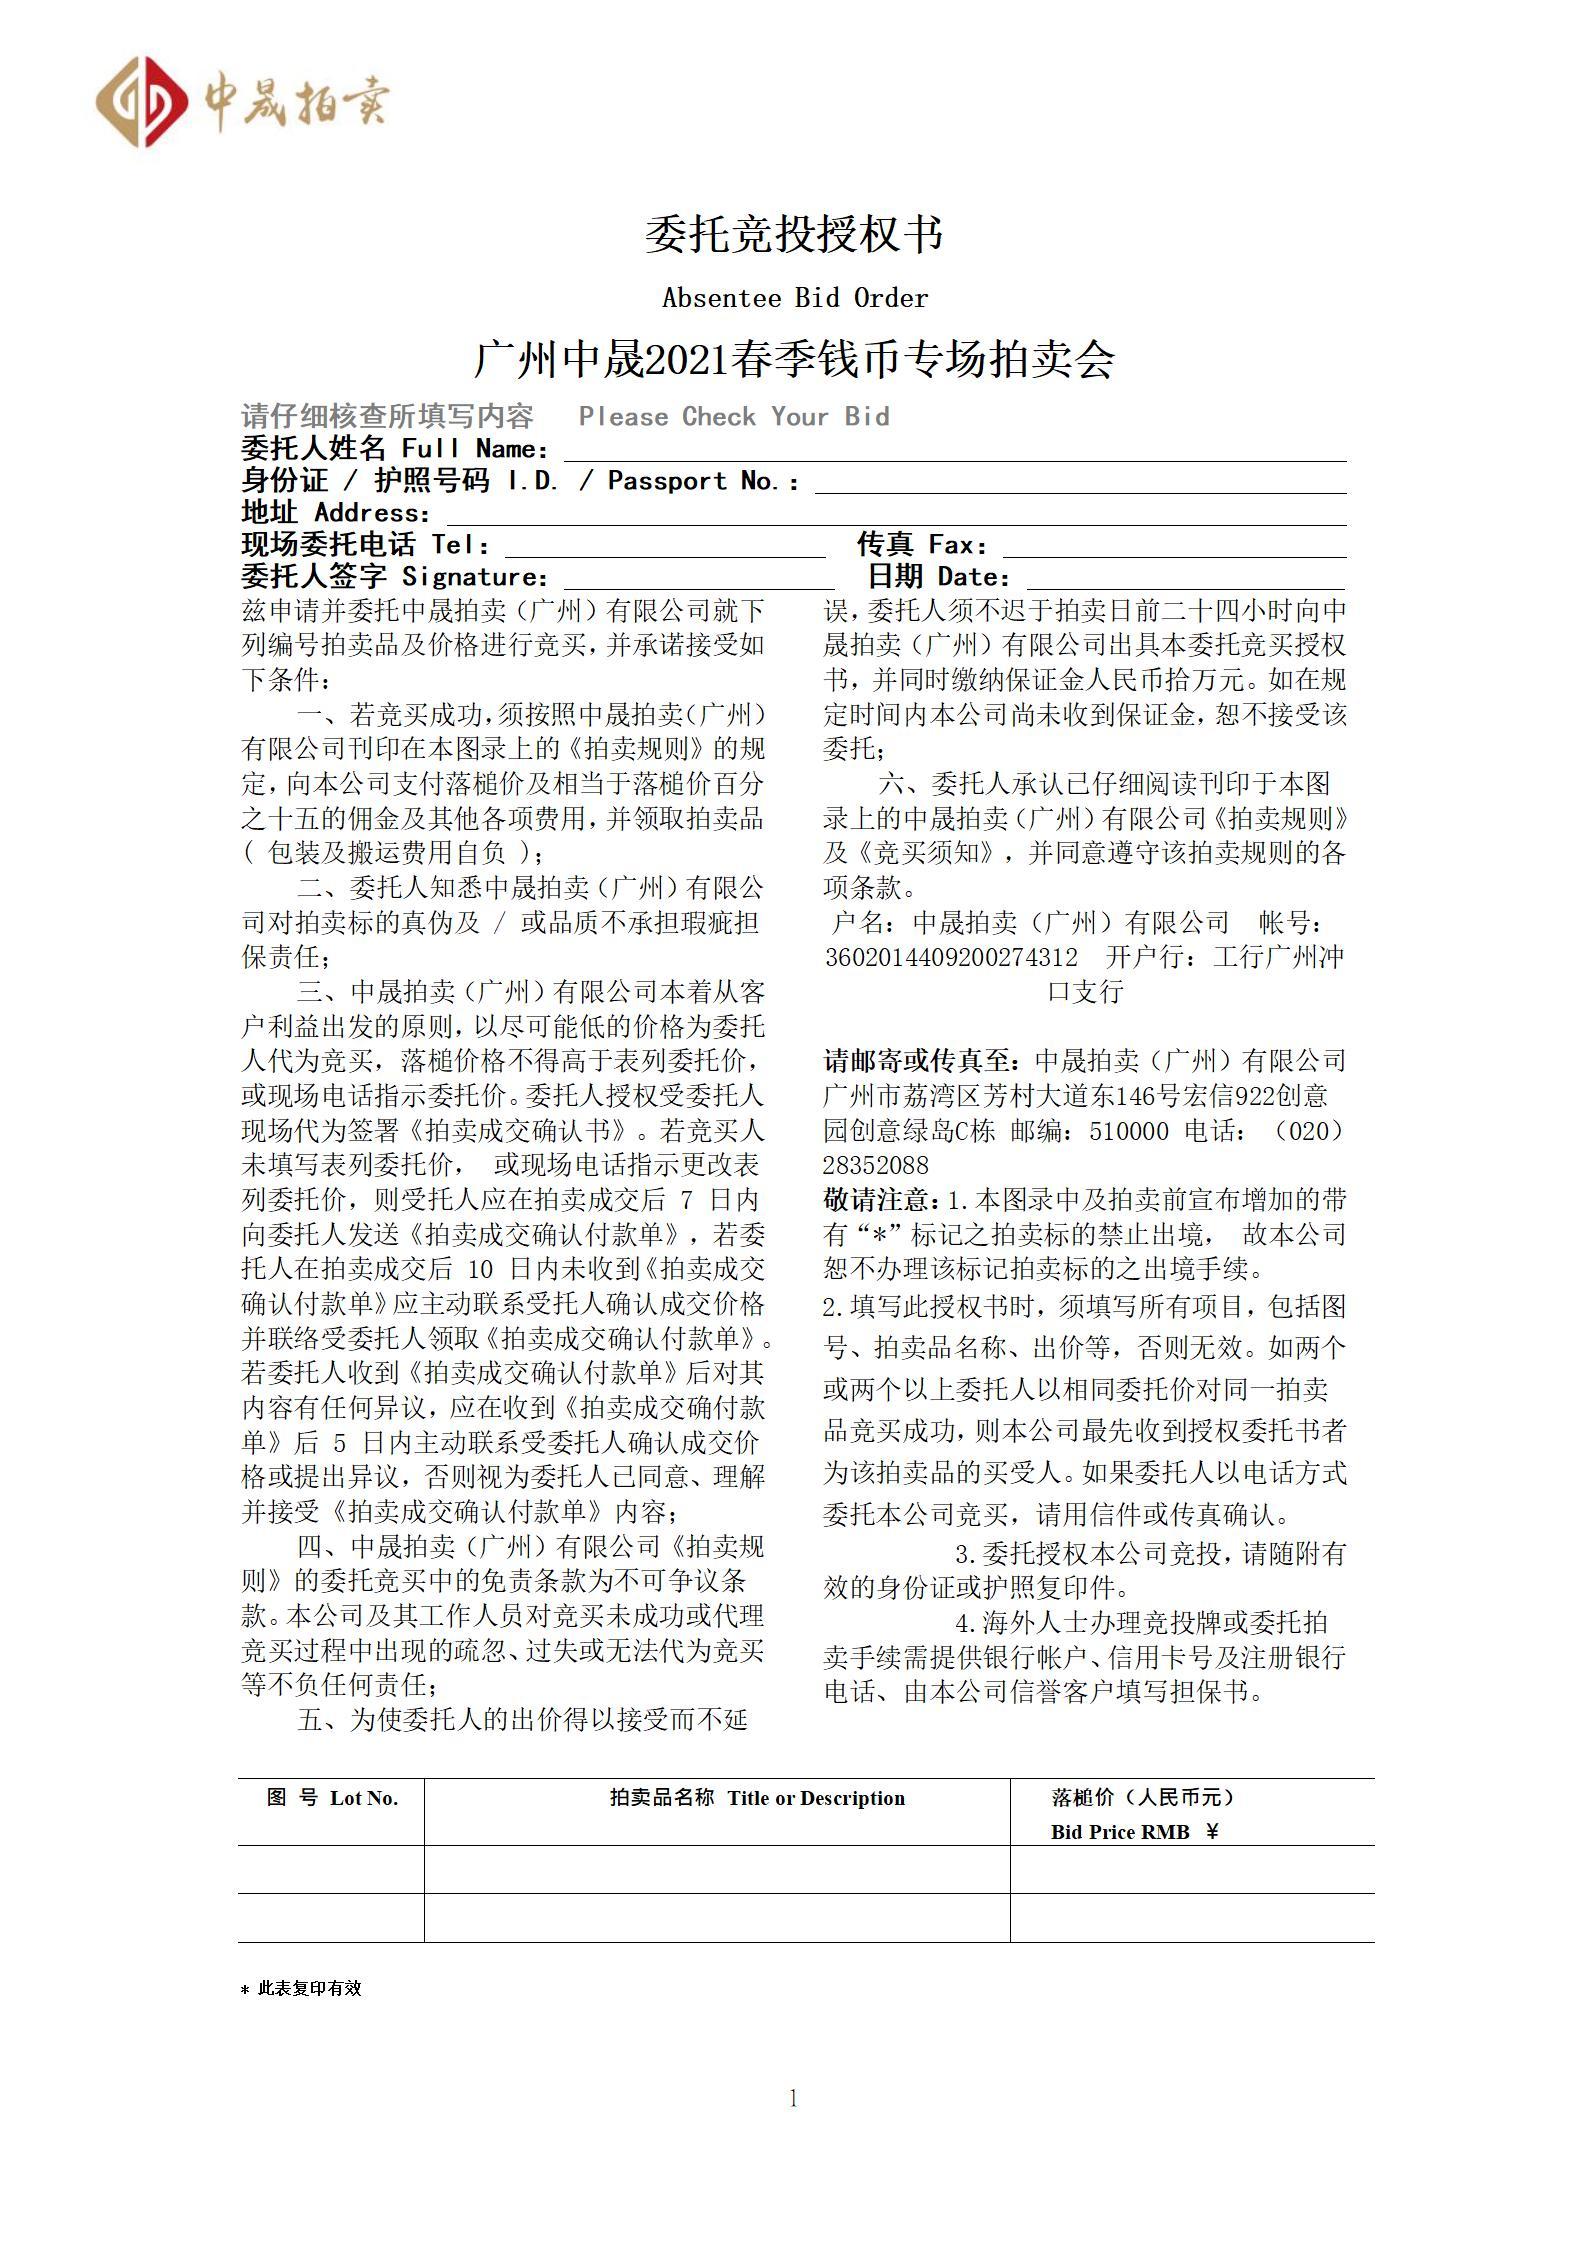 委托竞投授权书_01.jpg